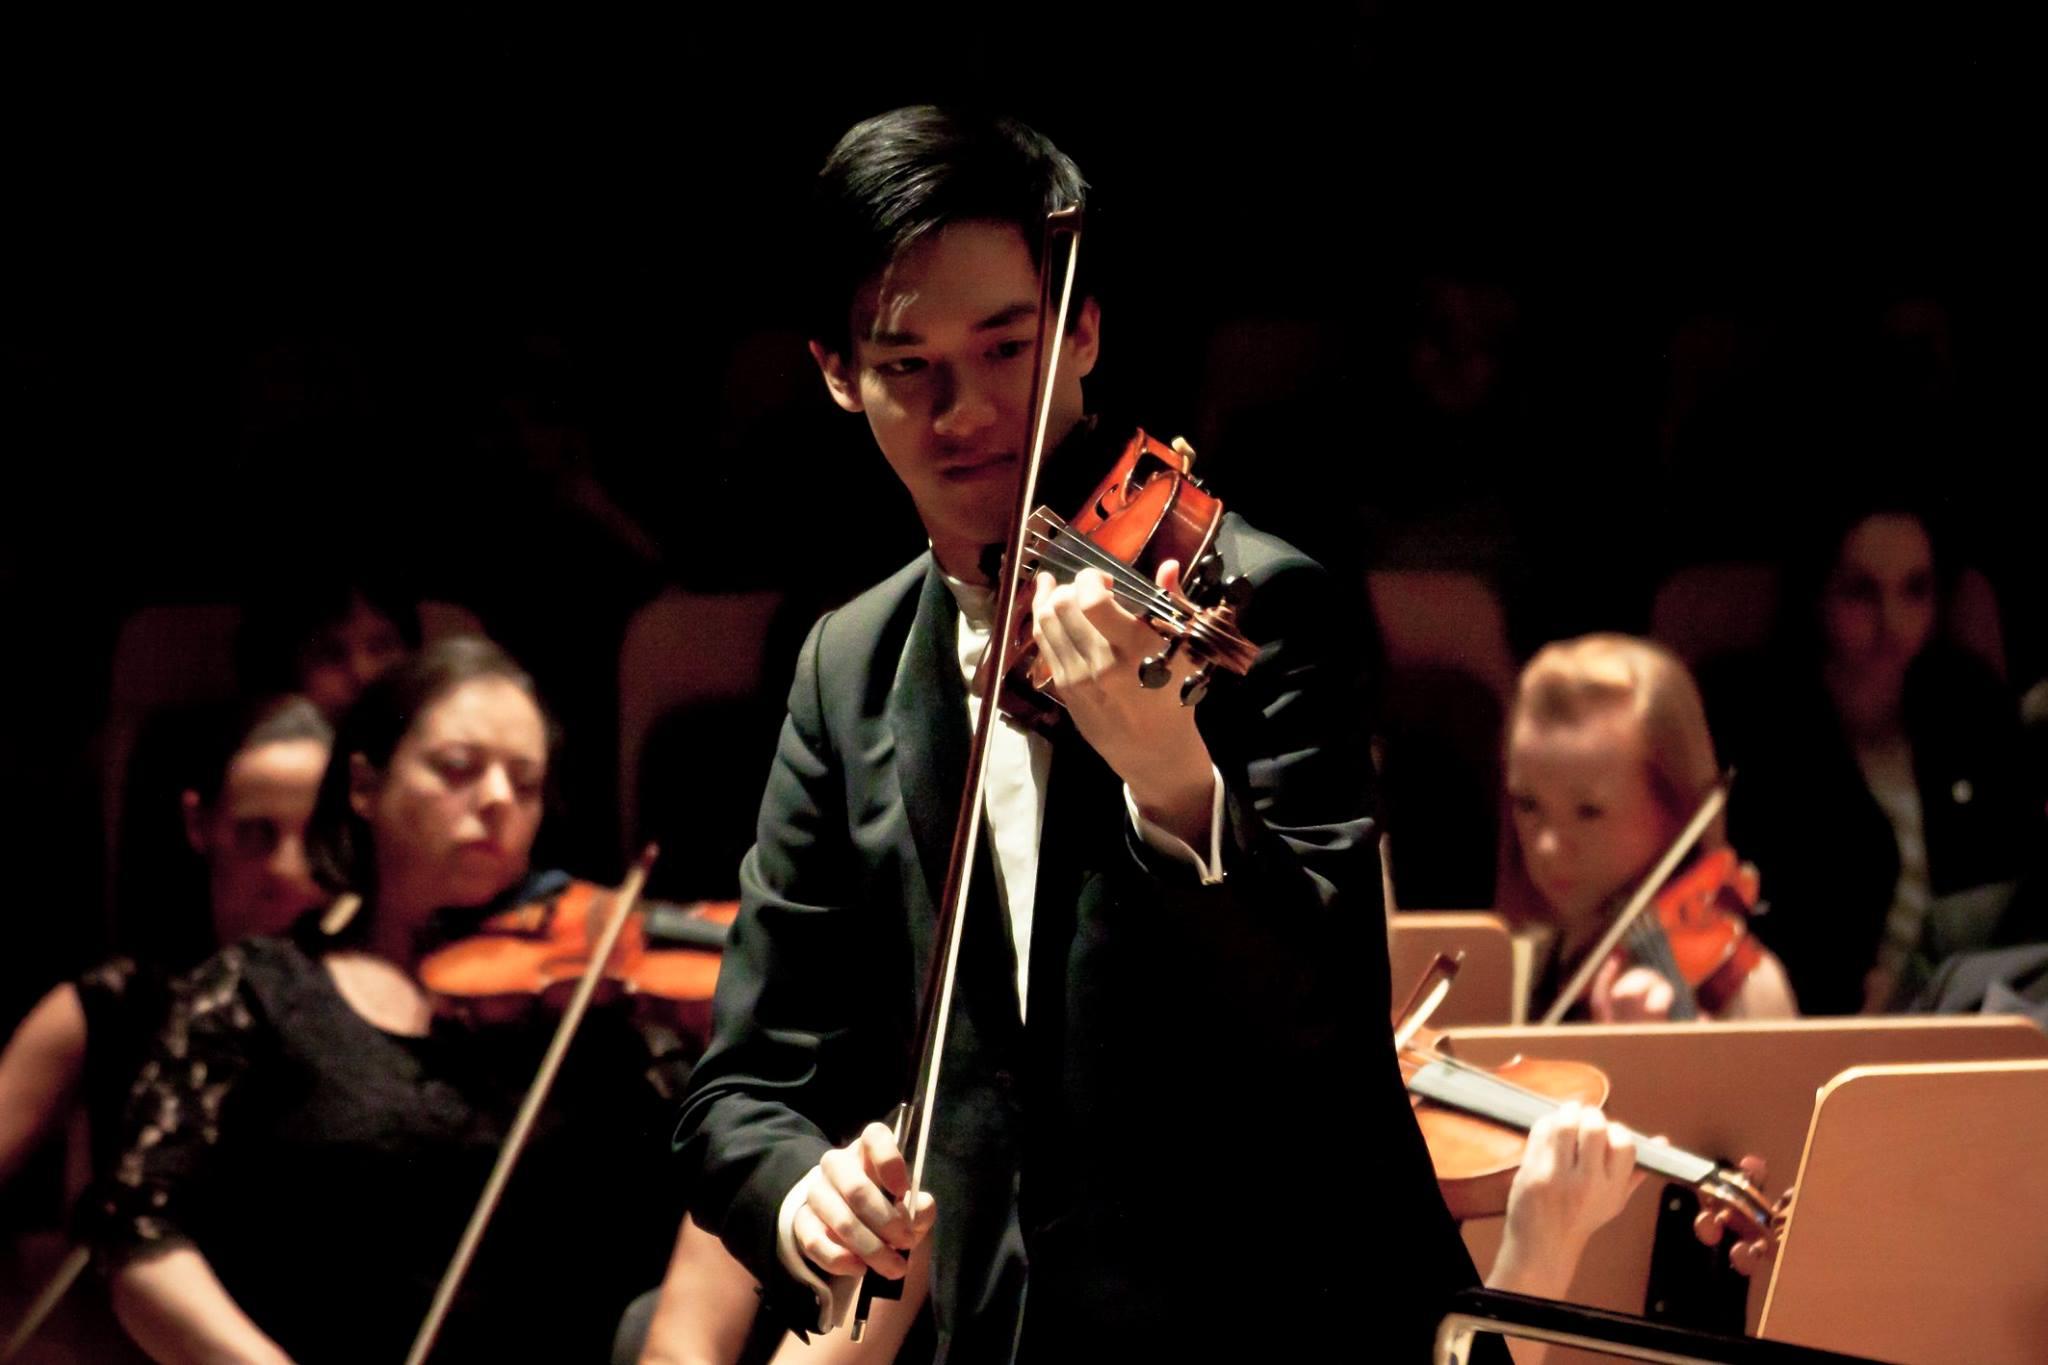 Nagroda Polskiej Filharmonii Bałtyckiej – koncert Veriko Tchumburidze, Richarda Lina i Marii Włoszczowskiej w Gdańsku (4.11.2016)